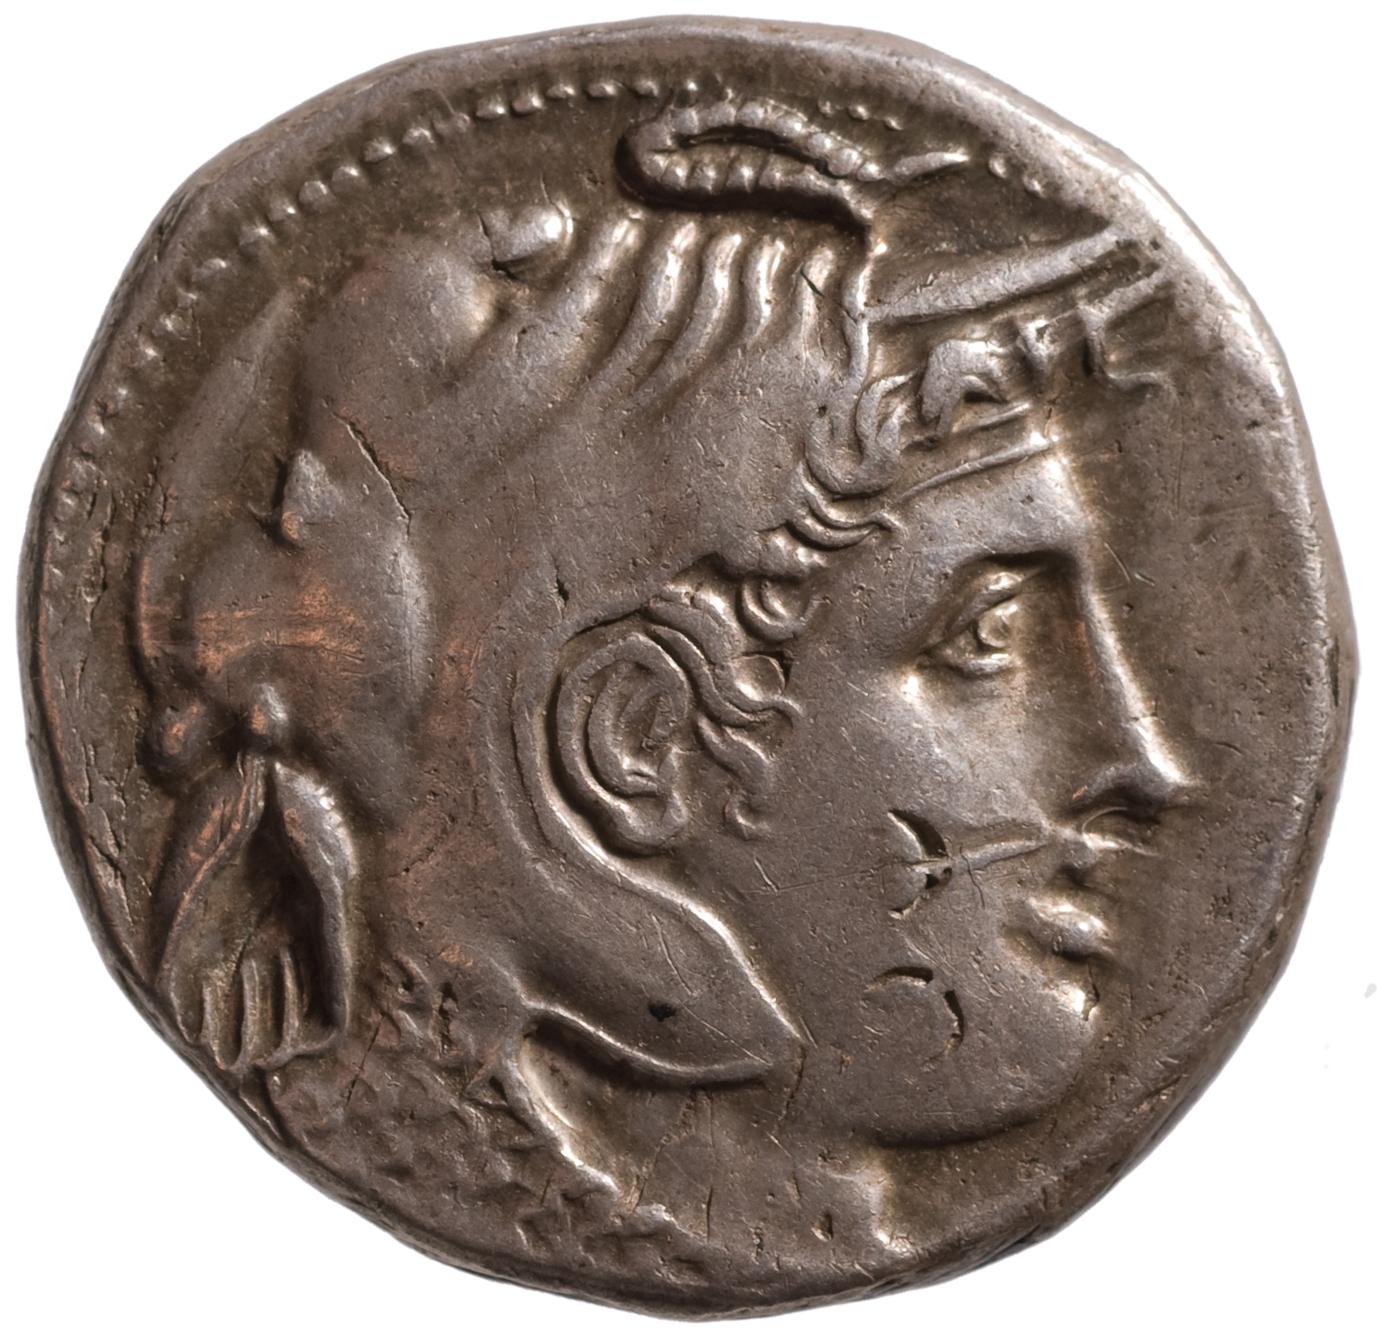 Ptolemäer: Ptolemaios I. von Ptolemaios I. Soter